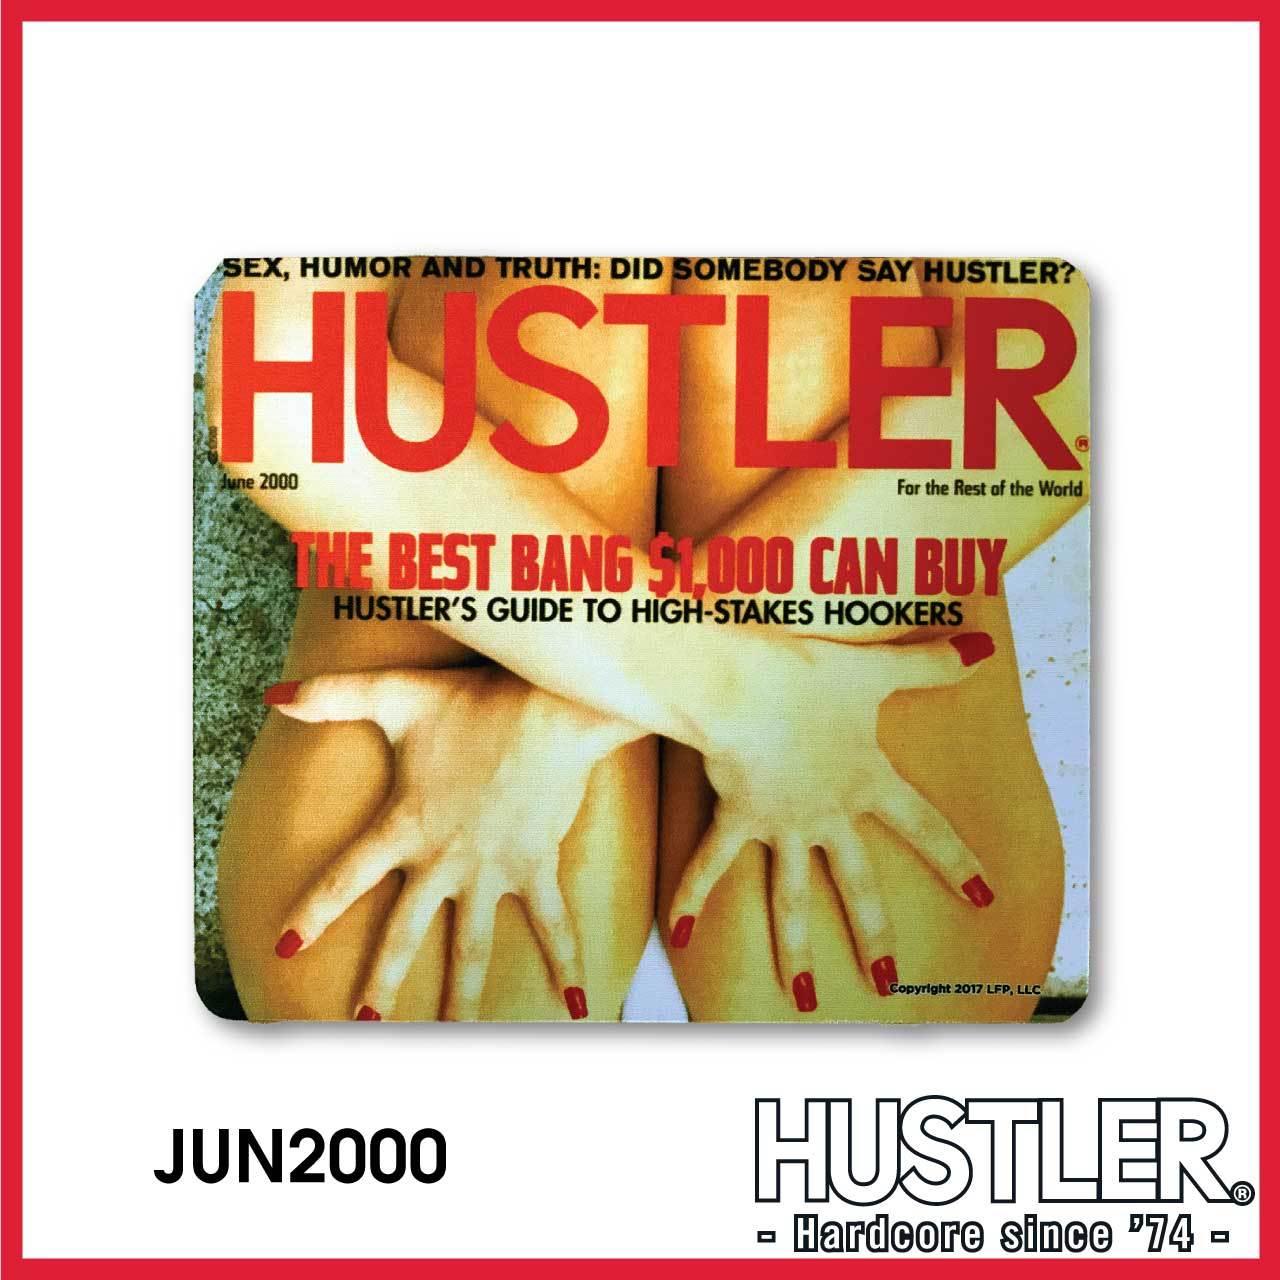 HUSTLER MOUSE PAD(ハスラー・マウスパッド) / JUNE 2000 カバー